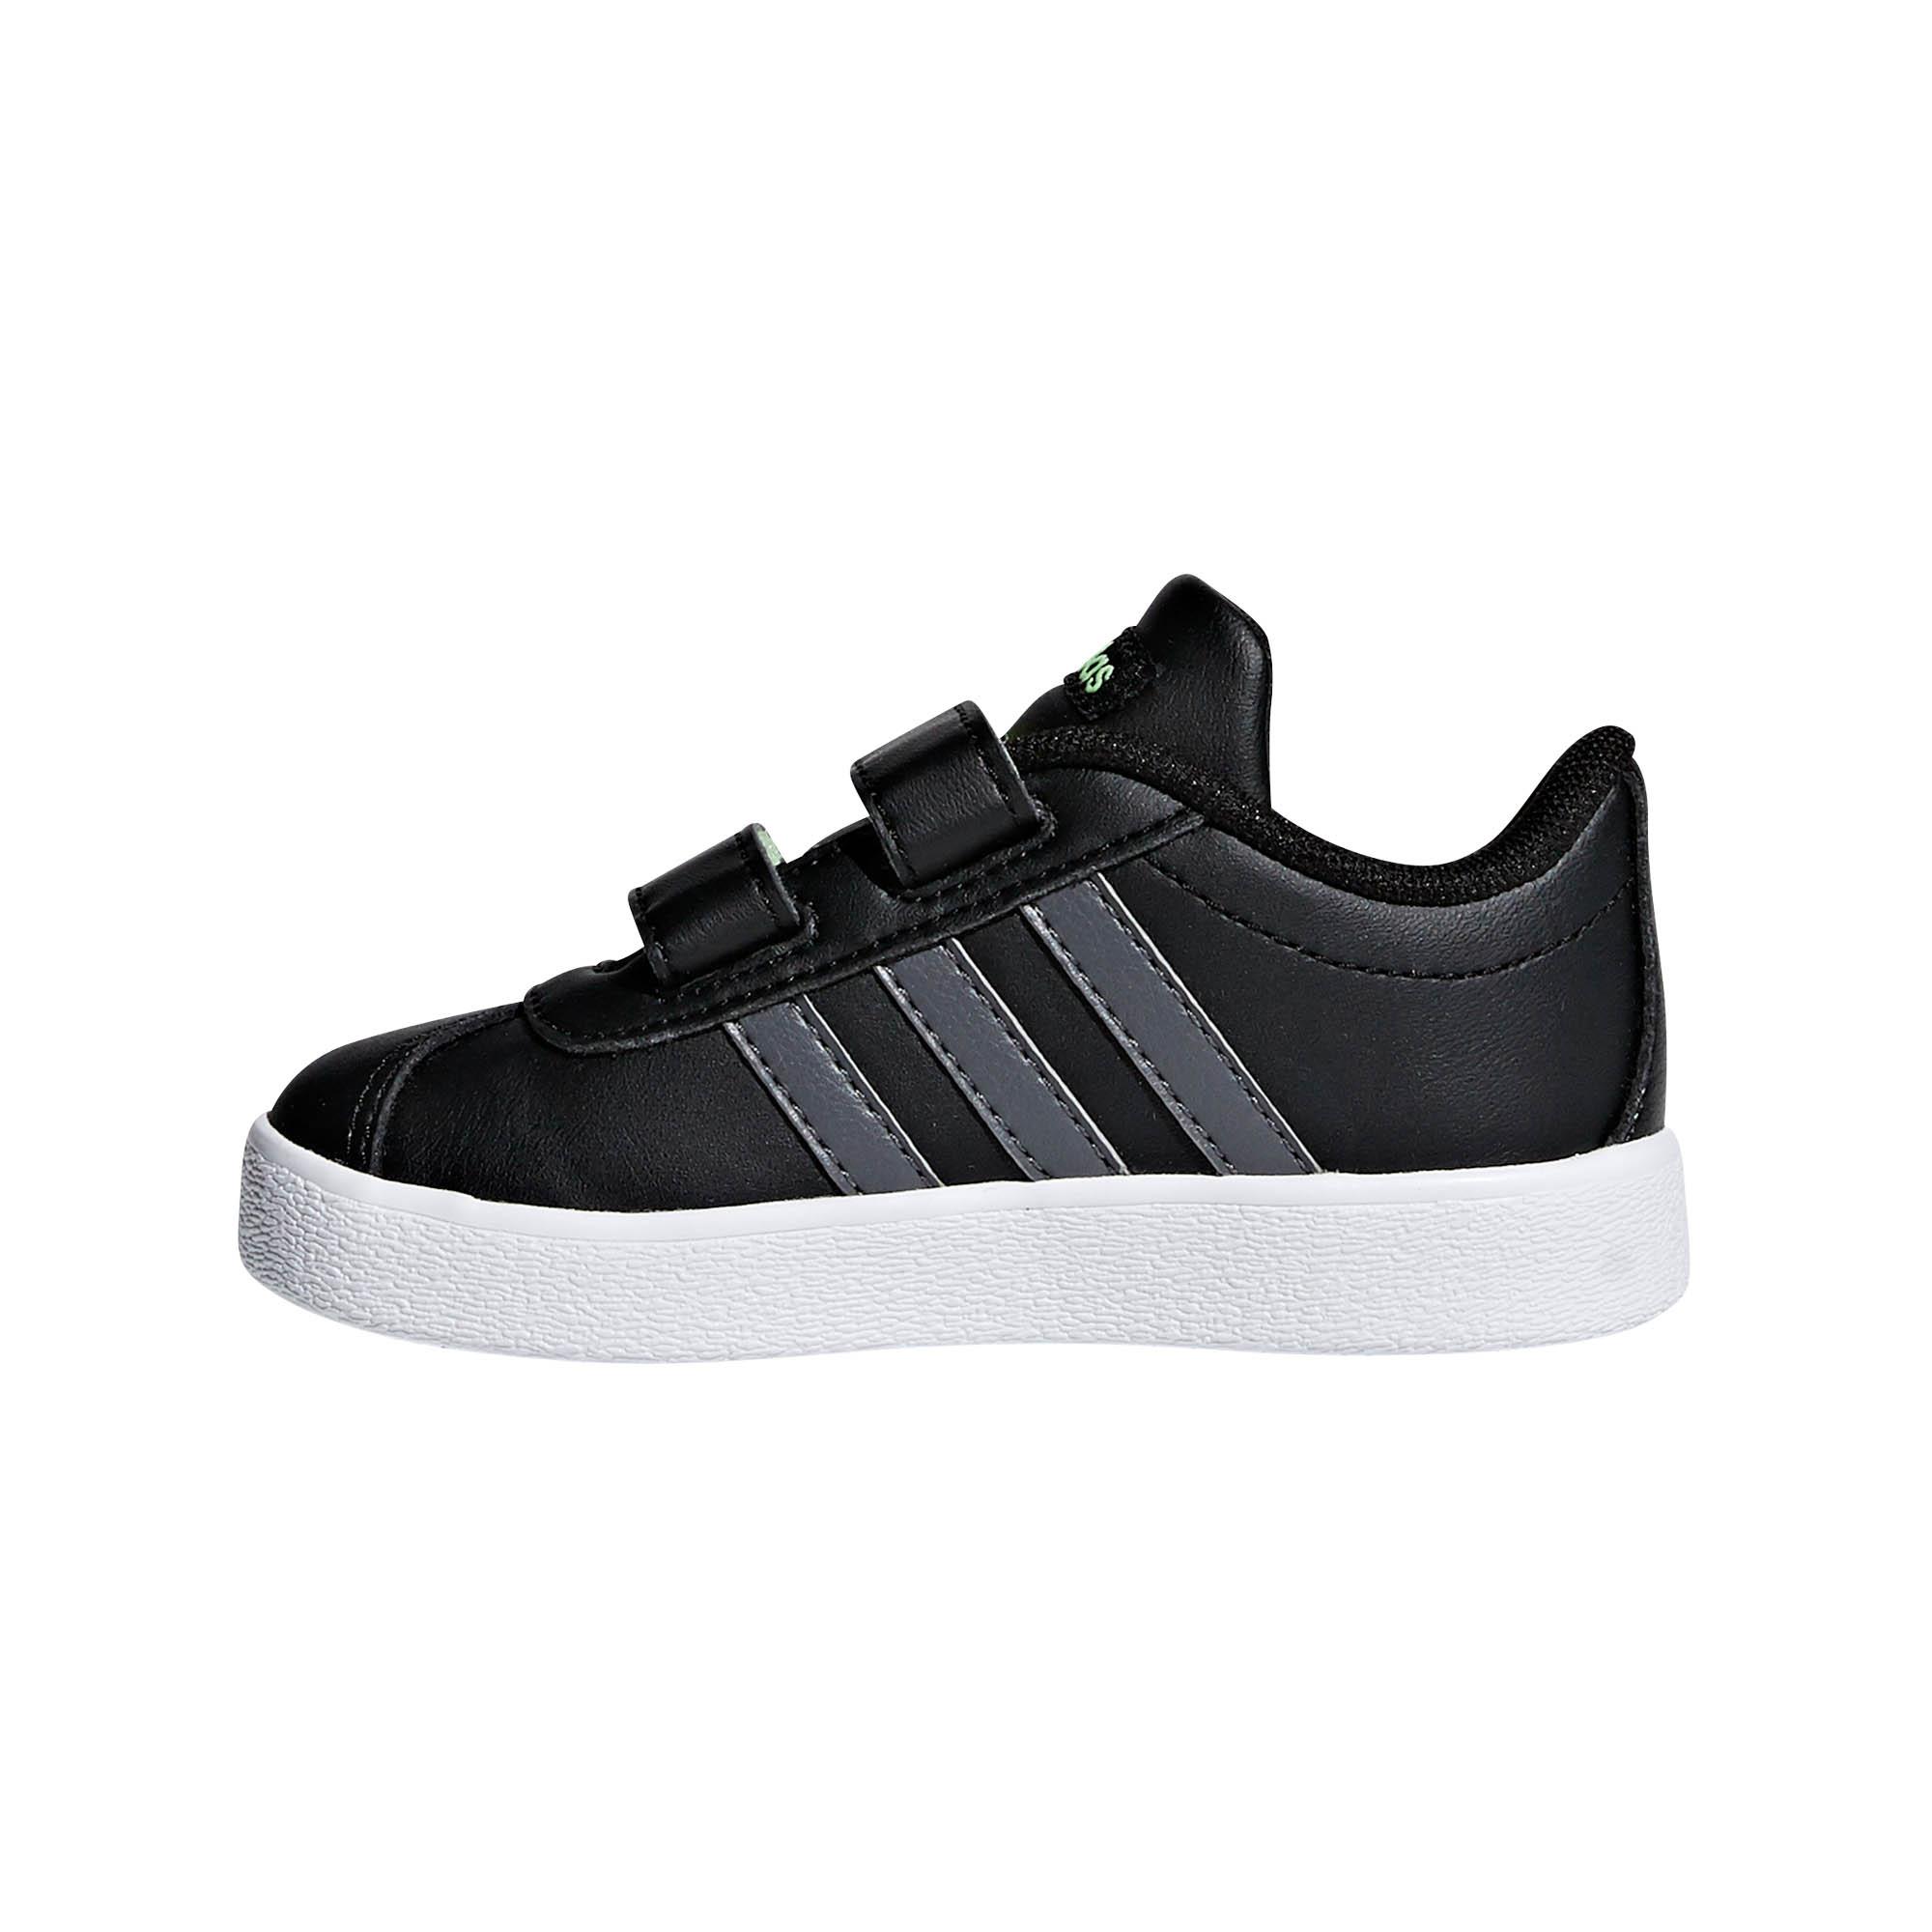 Détails sur Adidas Vl Escarpin 2.0 Enfant Enfants Garçons Sports Basket Chaussure Noir